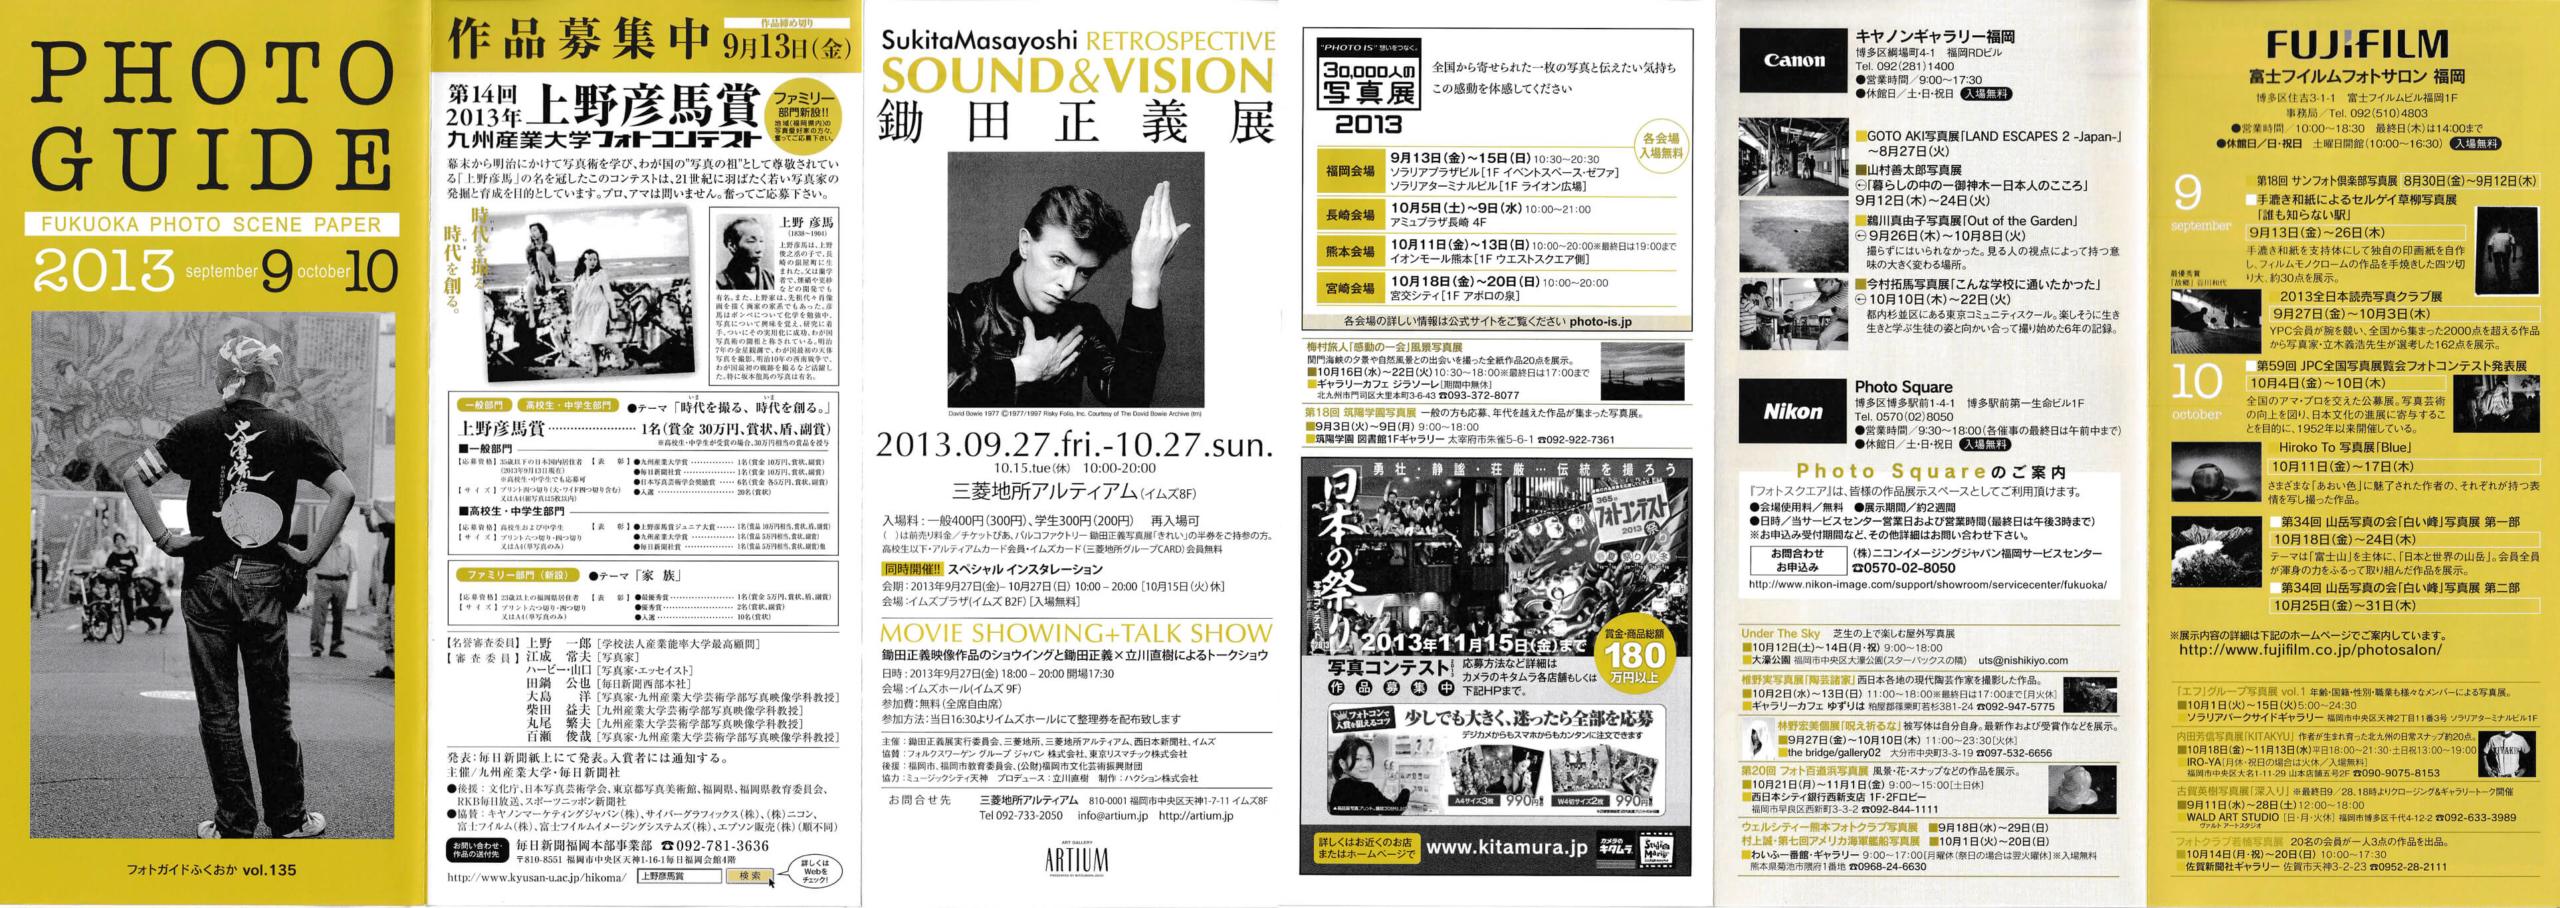 フォトガイドふくおか|アーカイブ|vol135